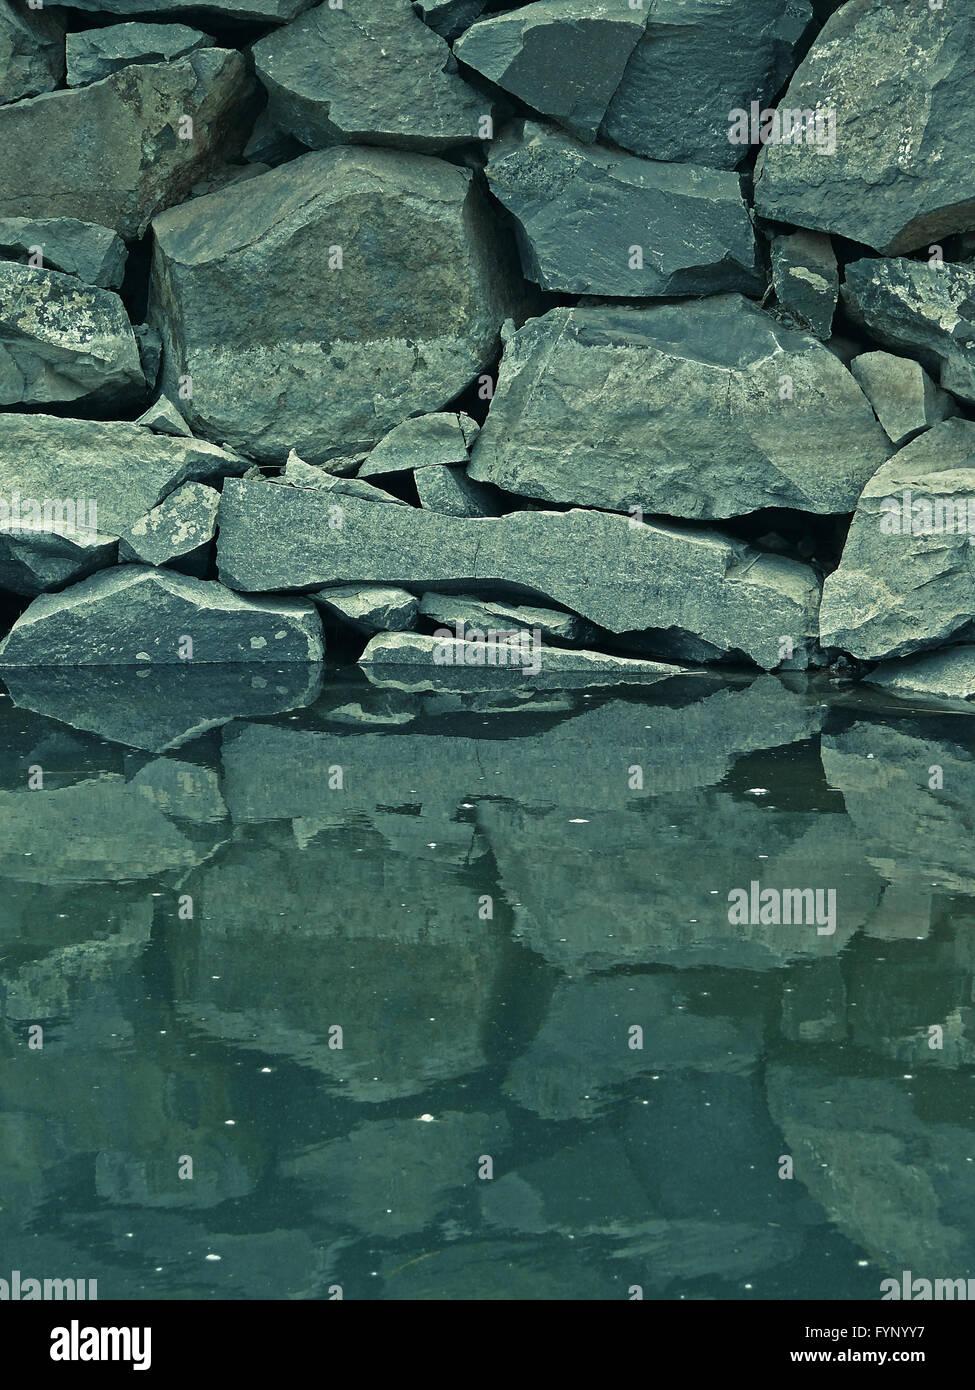 Reflexion von Steinen in ruhigem Wasser Stockbild